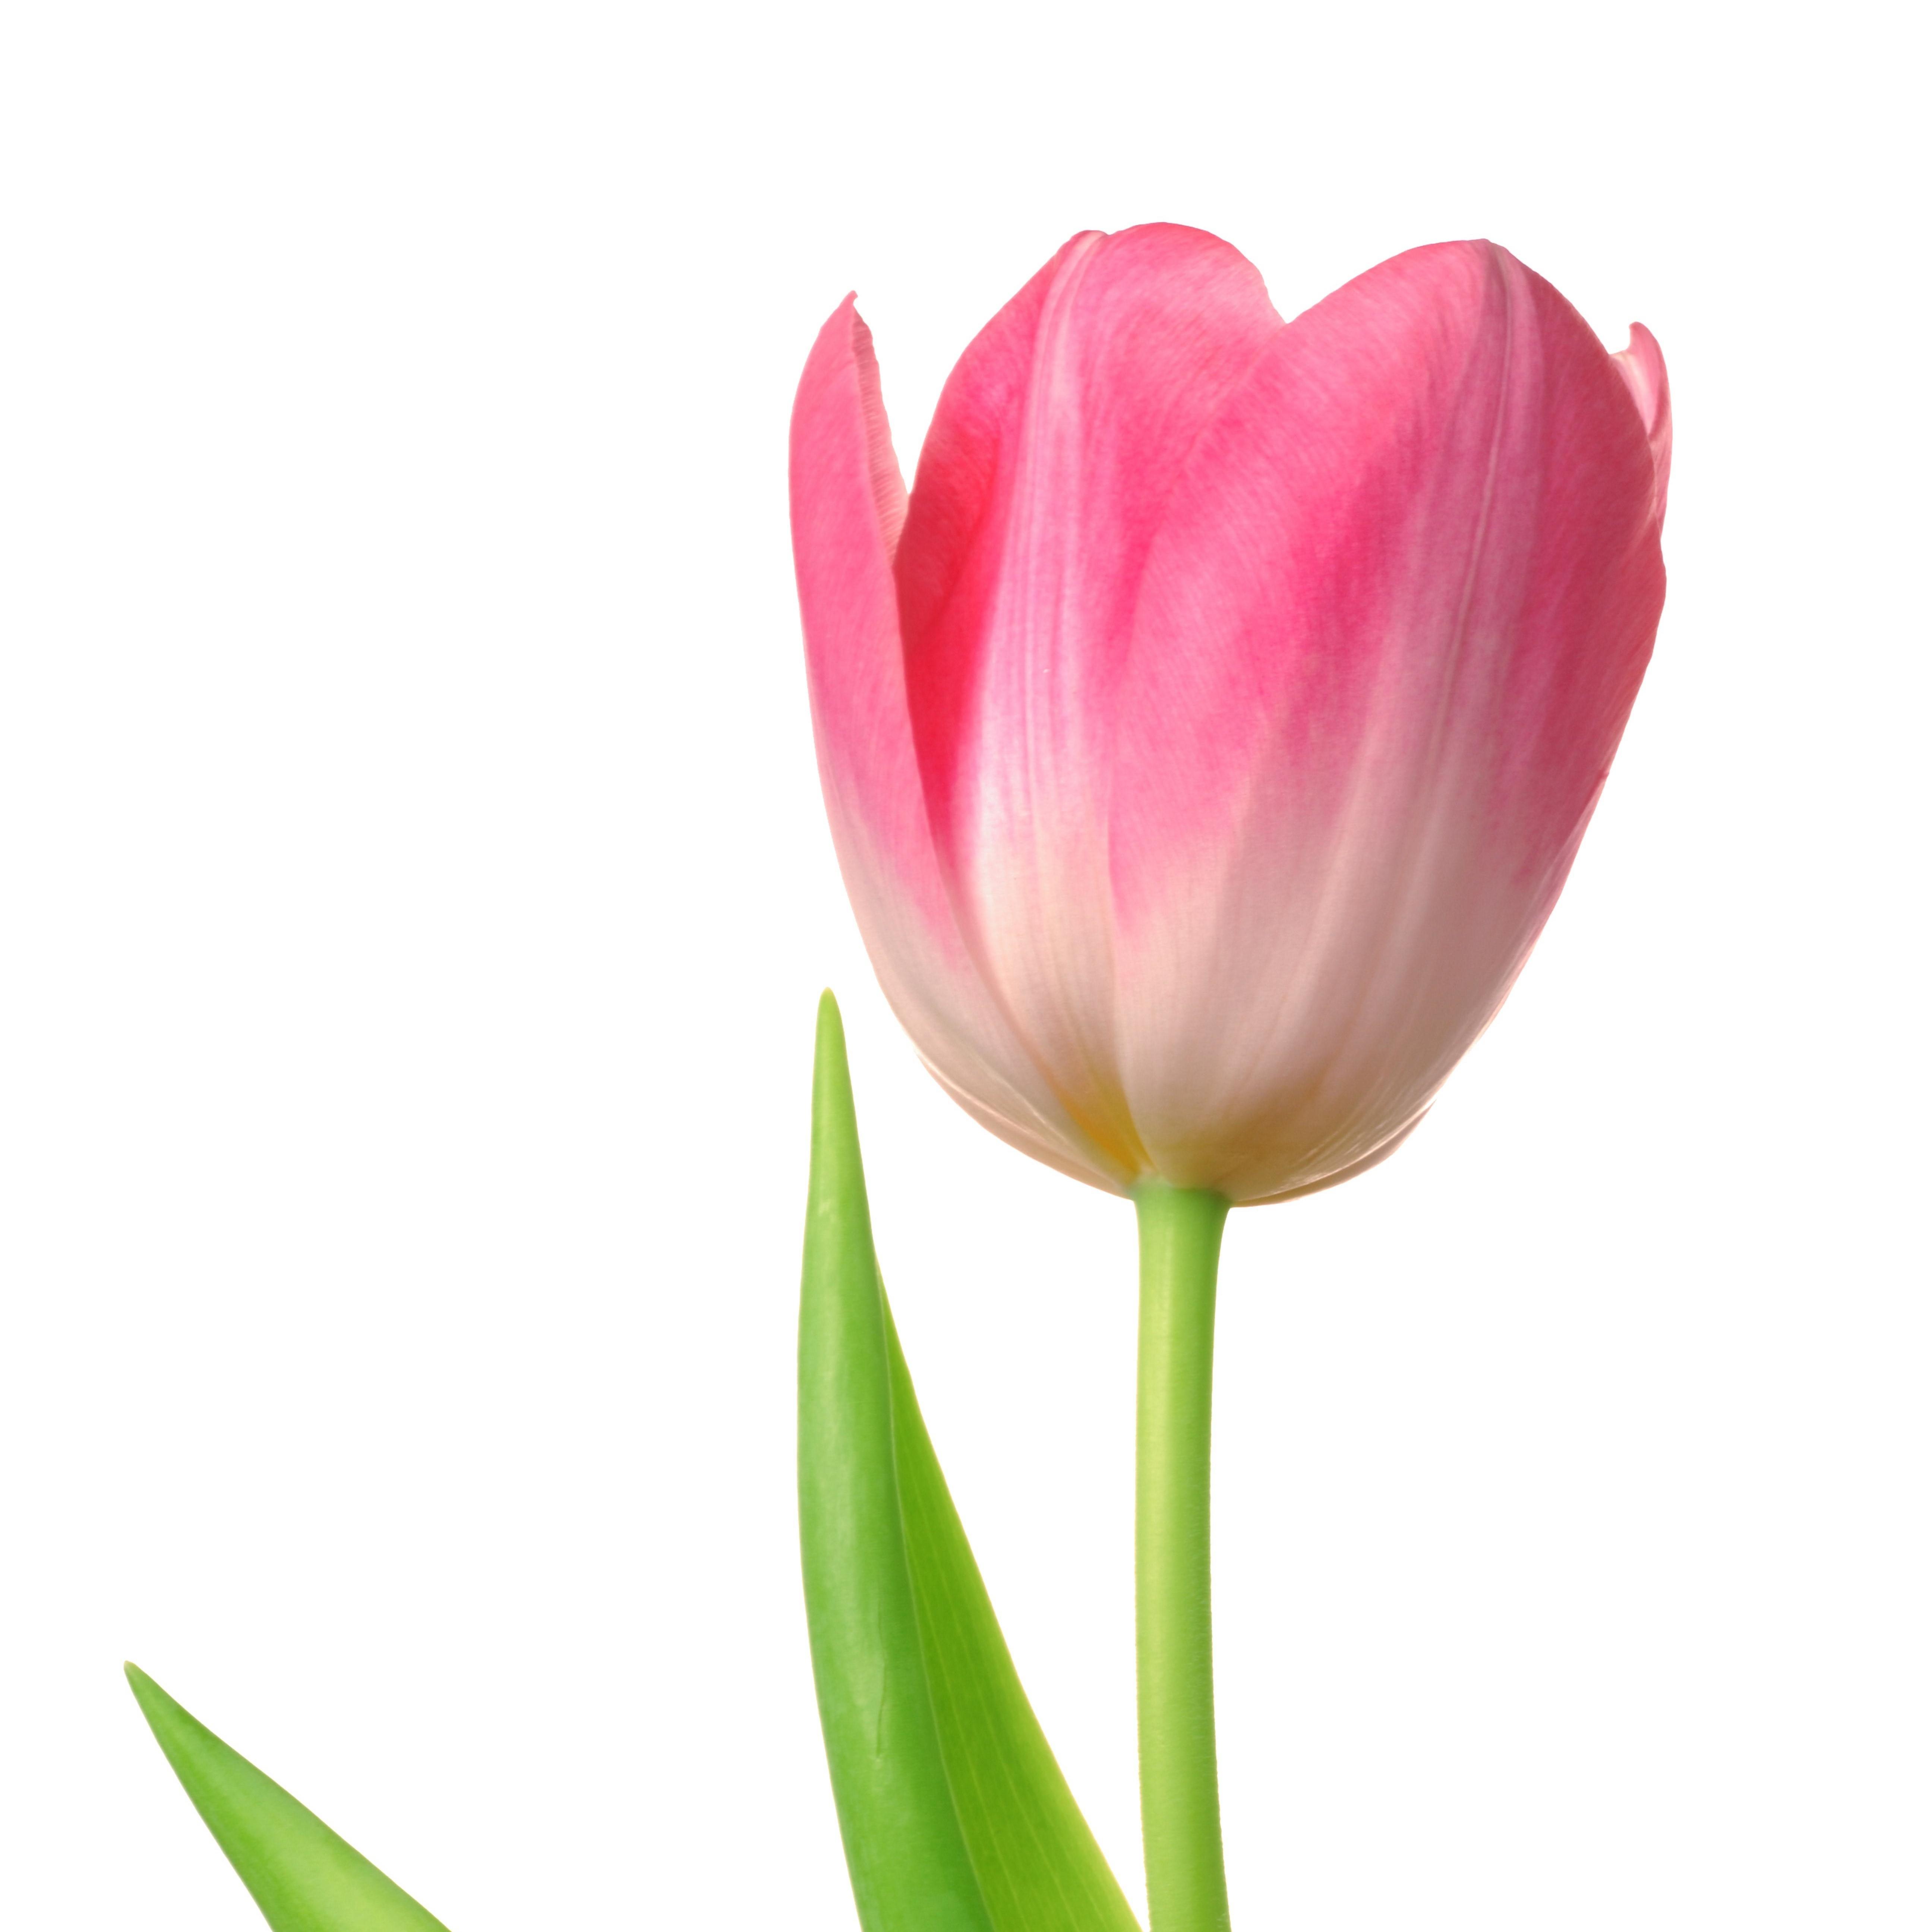 Картинка тюльпаны для детей на белом фоне